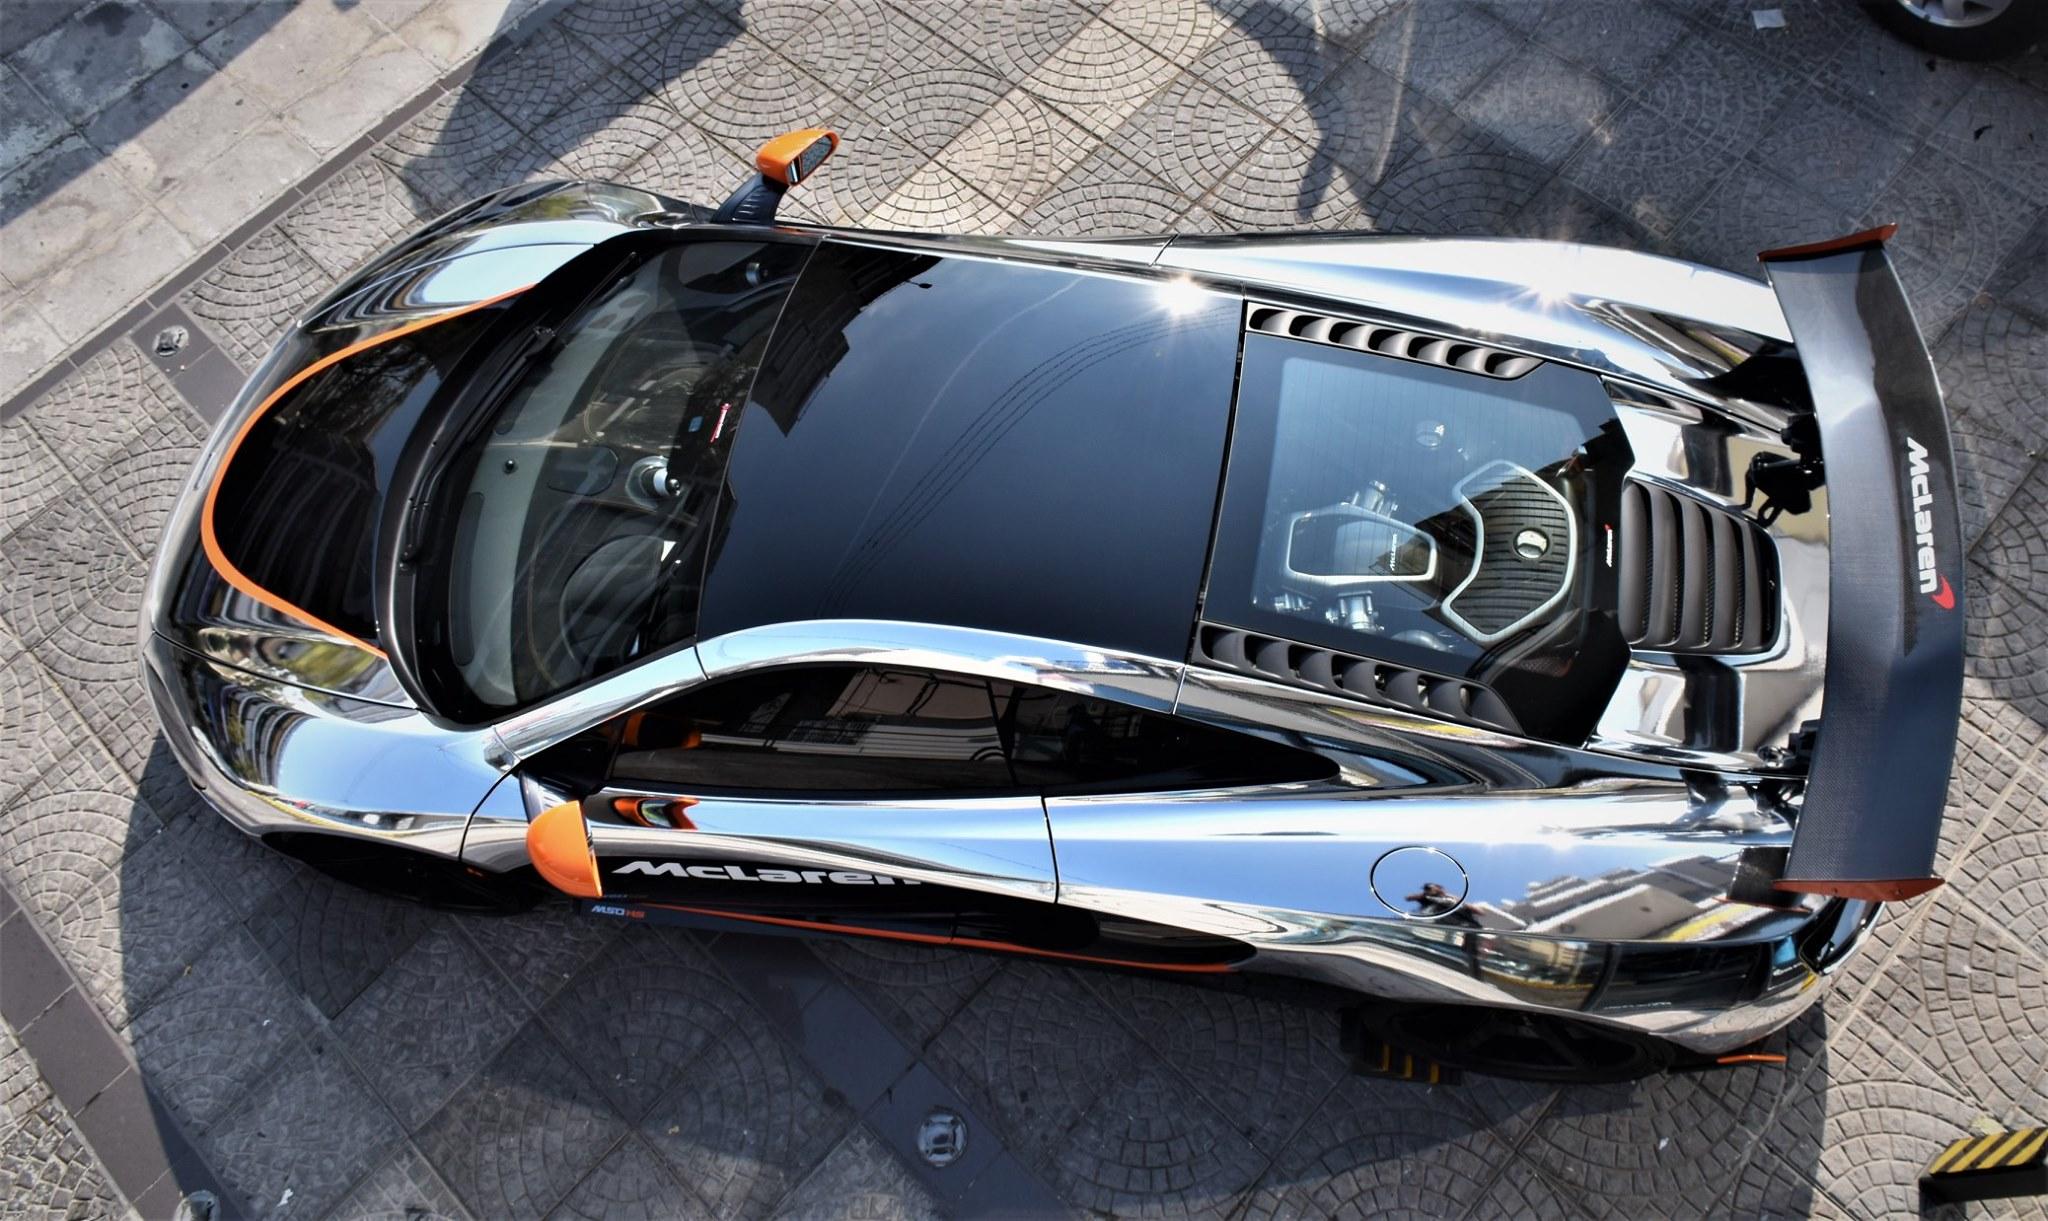 McLaren_650S_accident_0000